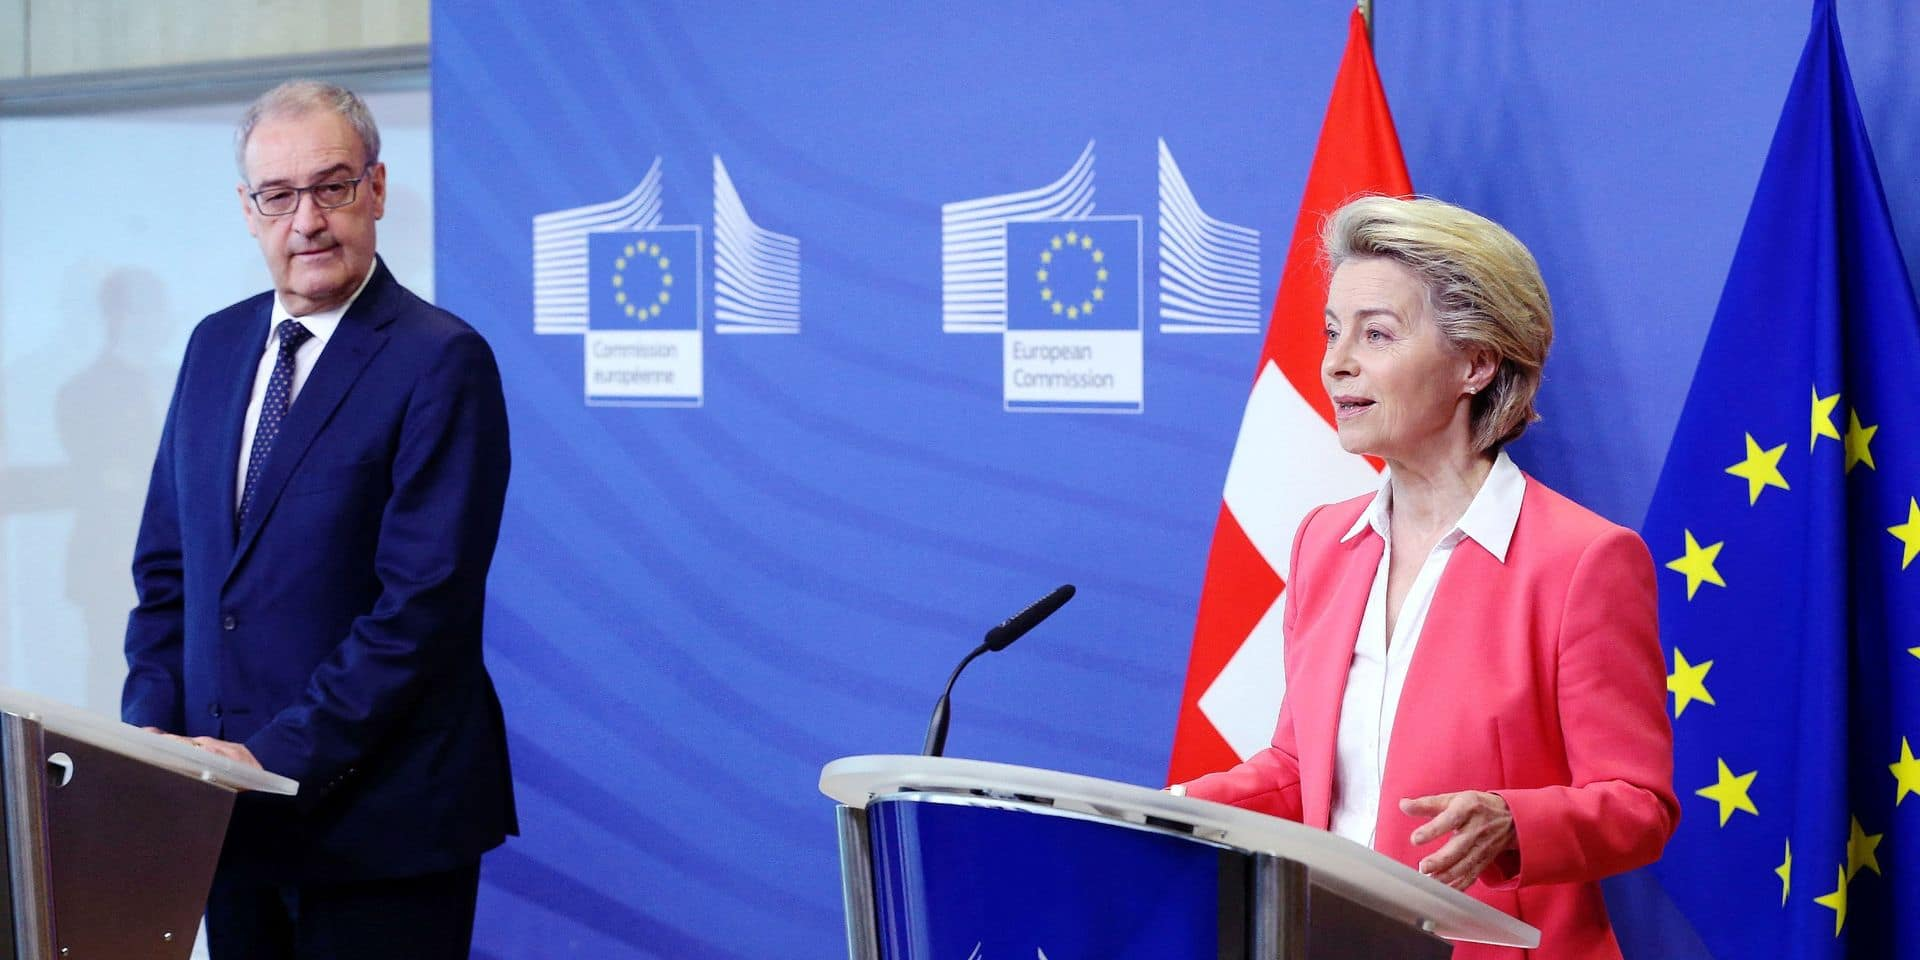 Les relations entre l'Union européenne et la Suisse sont coincées dans un tunnel